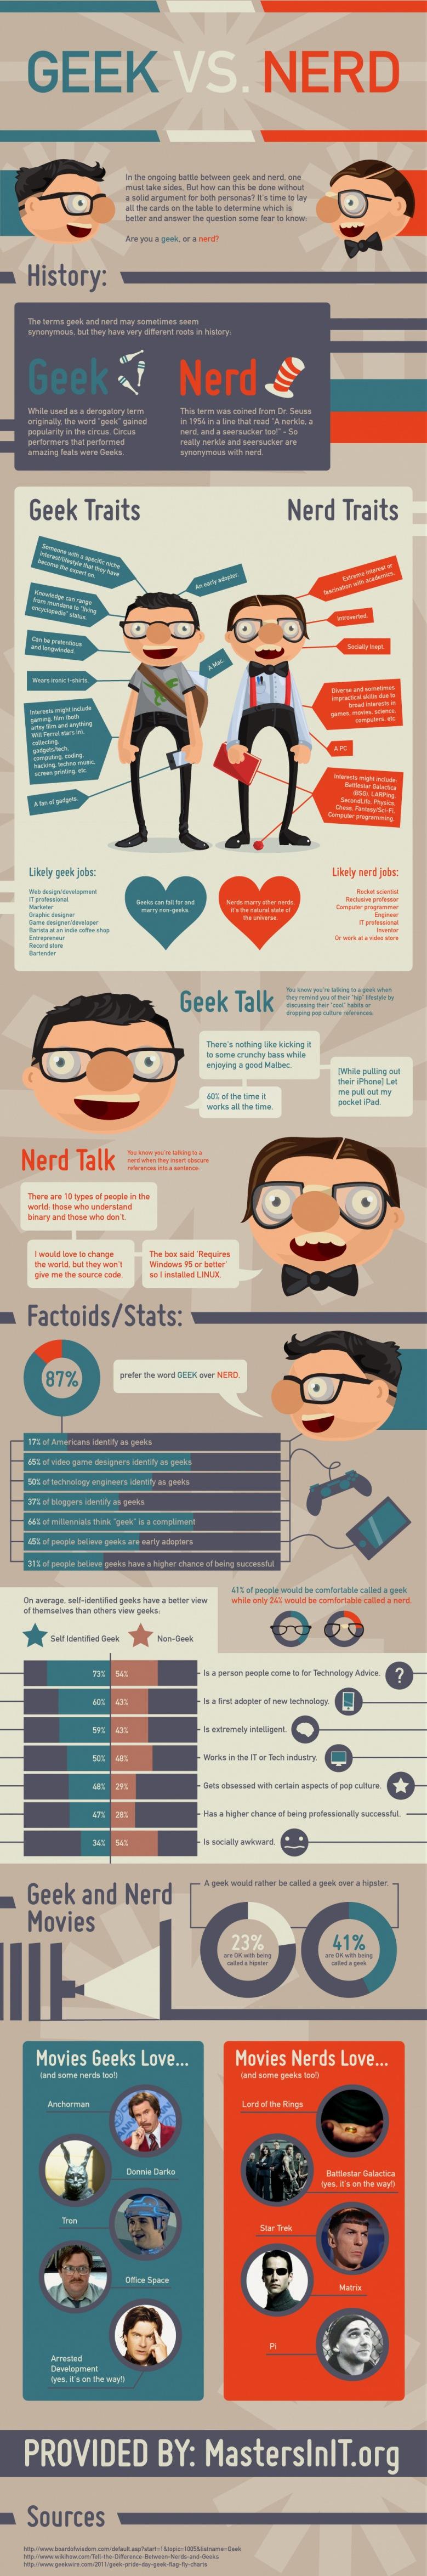 Откријте дали сте geek или nerd